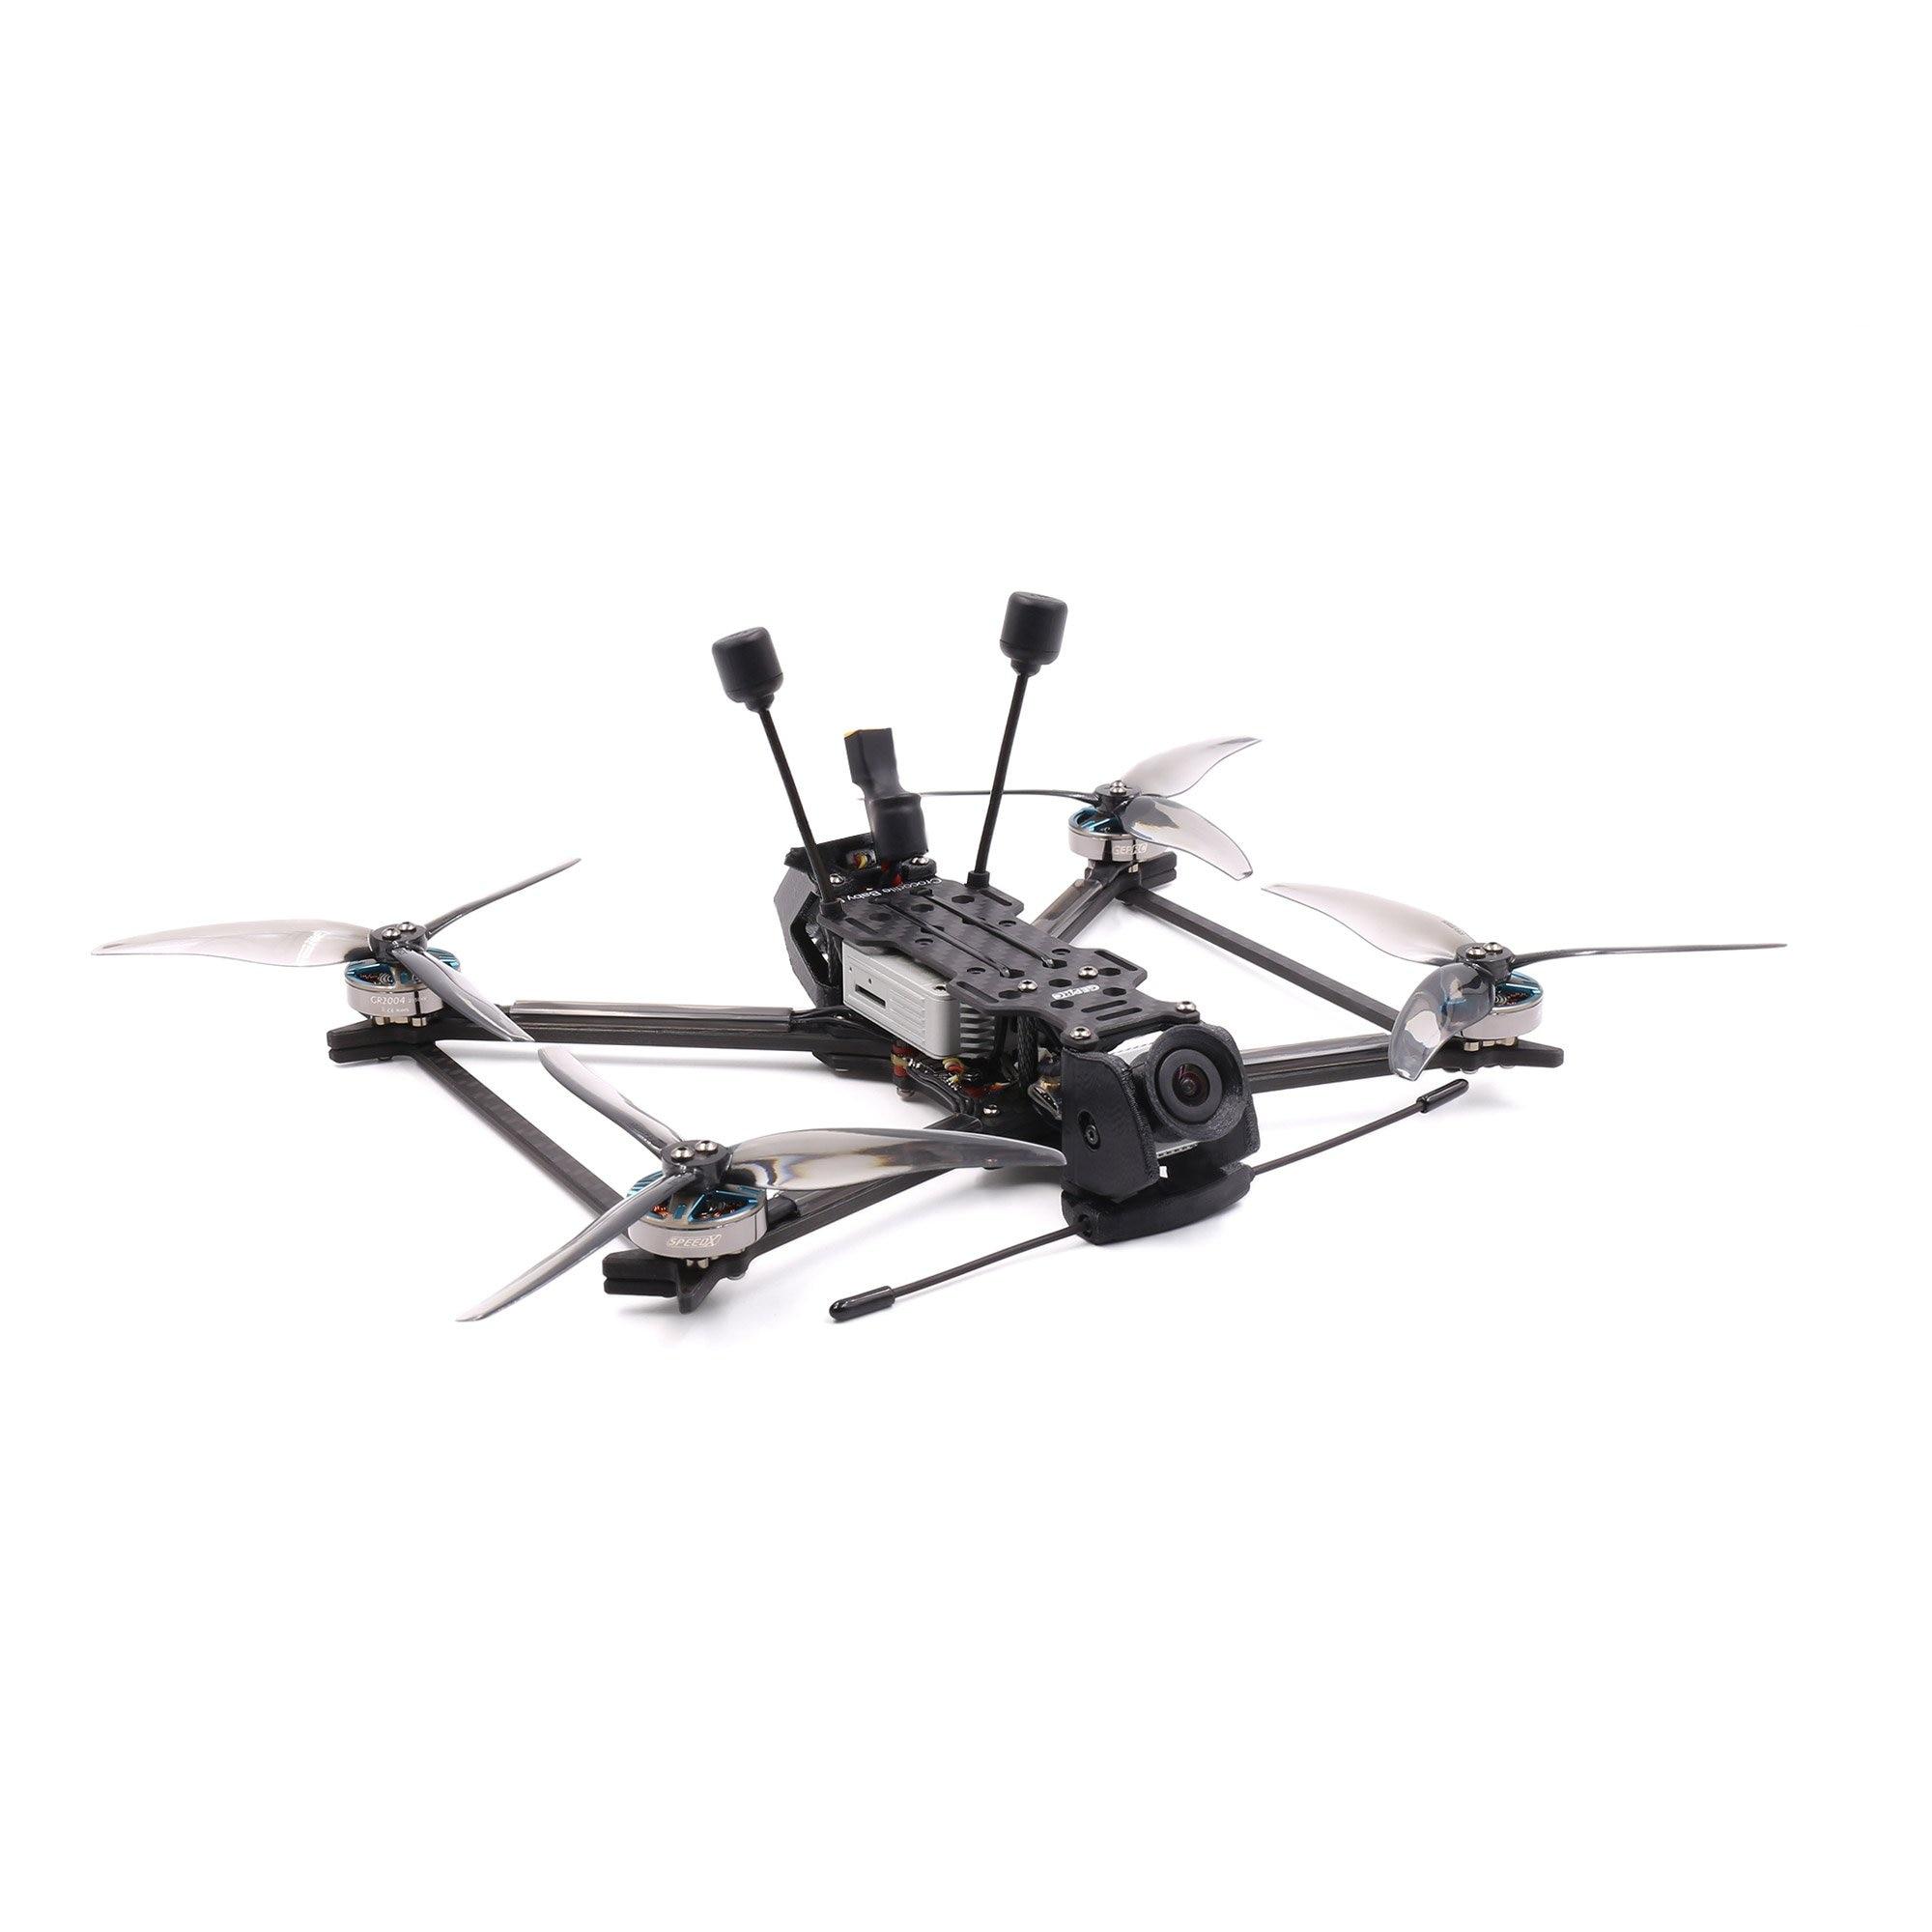 geprc-dron-de-carreras-con-vision-en-primera-persona-y-vision-en-primera-persona-drone-cuadricoptero-de-control-remoto-con-4s-5-pulgadas-unidad-de-aire-dji